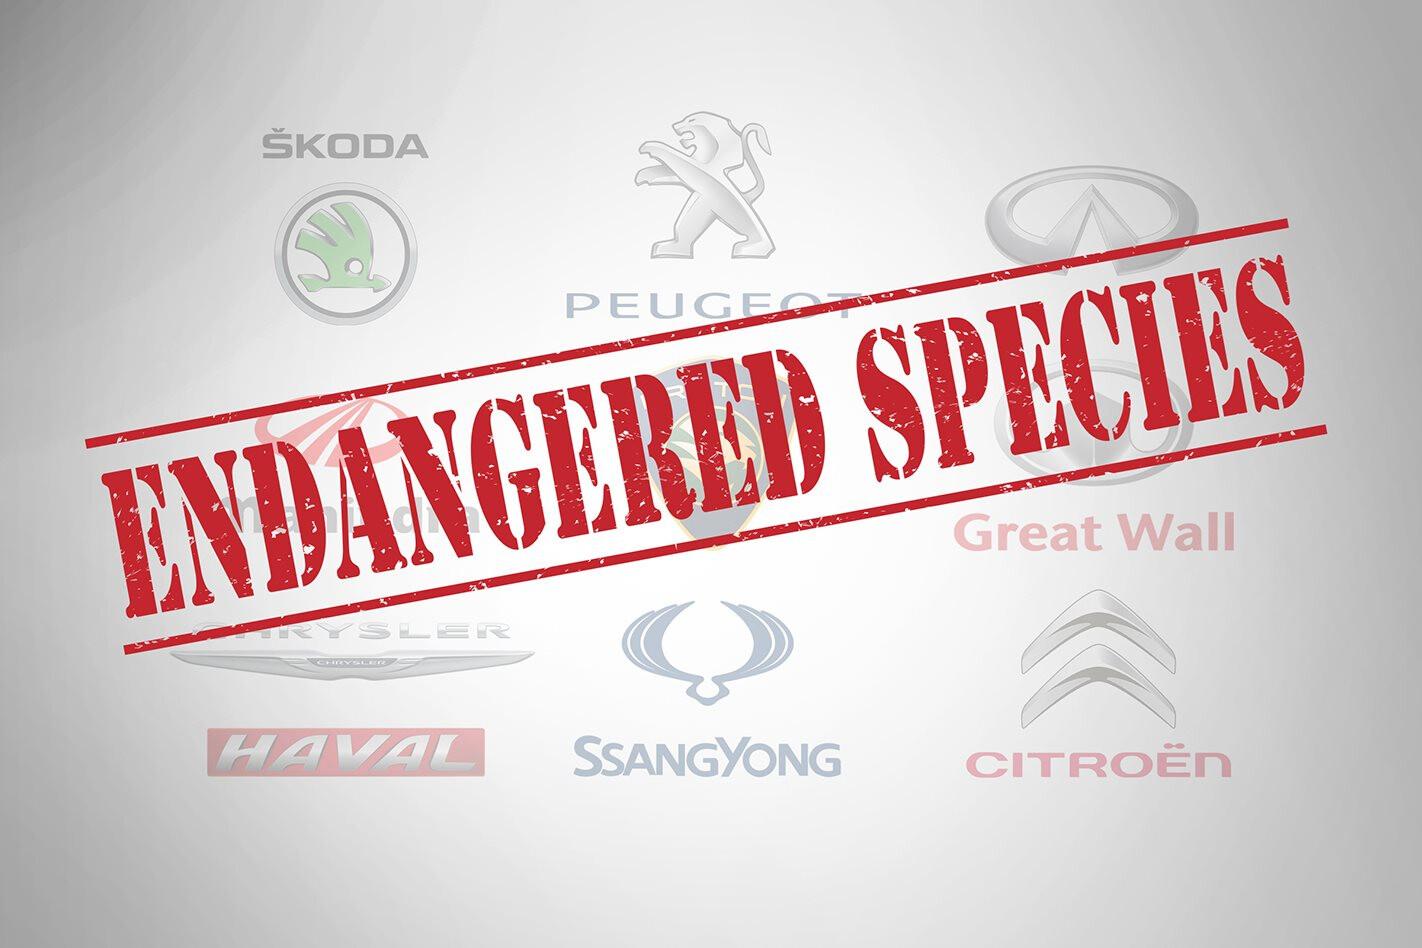 Australia's endangered car brands